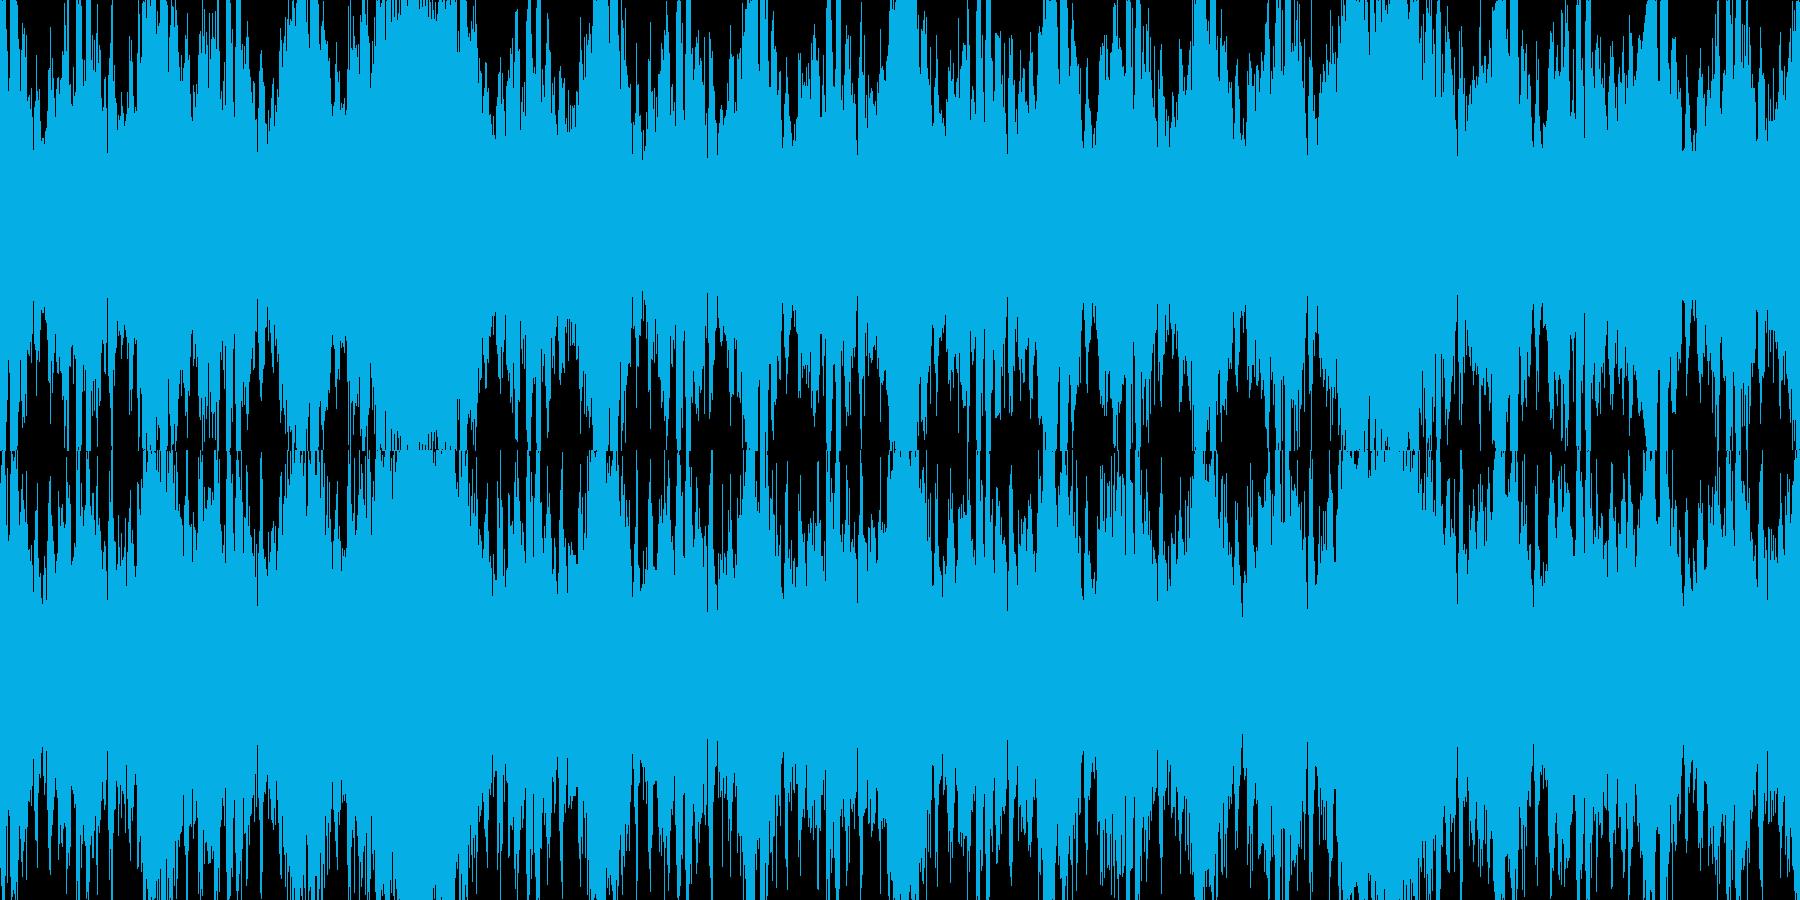 緊迫のバトル系オーケストラ ループ素材の再生済みの波形